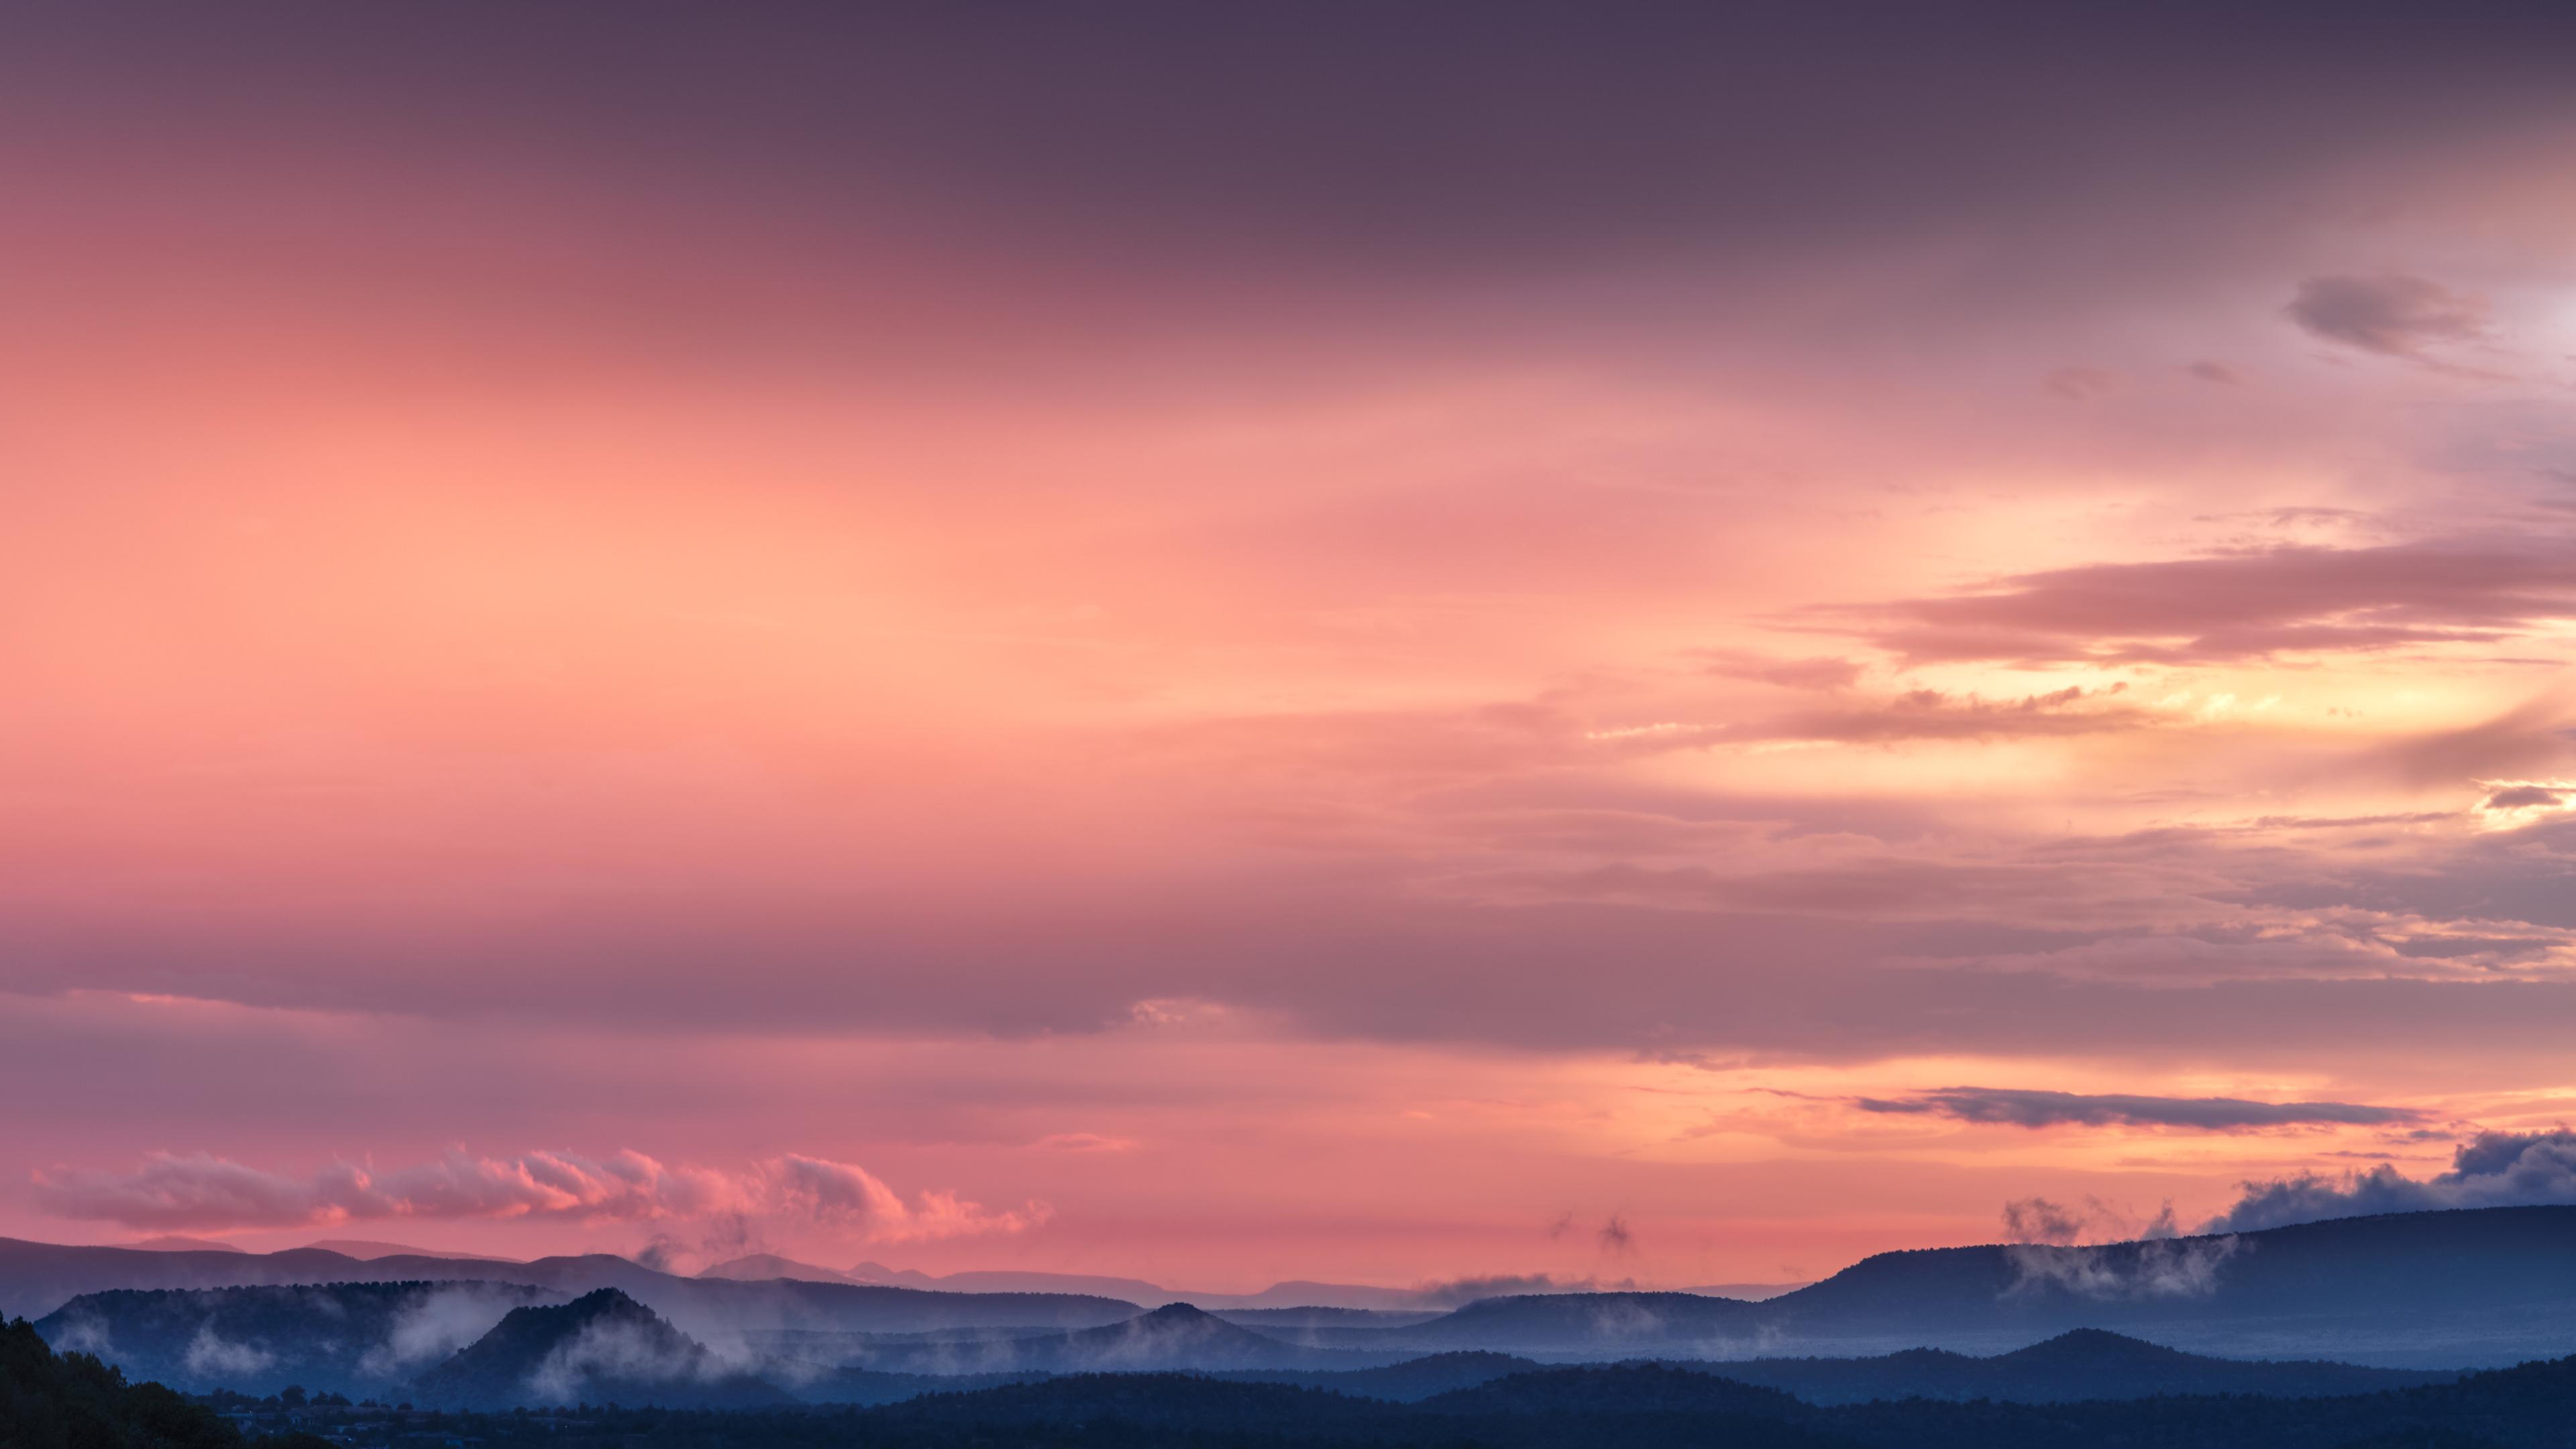 beautiful landscape sunset 4k 1540143628 - Beautiful Landscape Sunset 4k - sunset wallpapers, nature wallpapers, landscape wallpapers, hd-wallpapers, beautiful wallpapers, 8k wallpapers, 4k-wallpapers